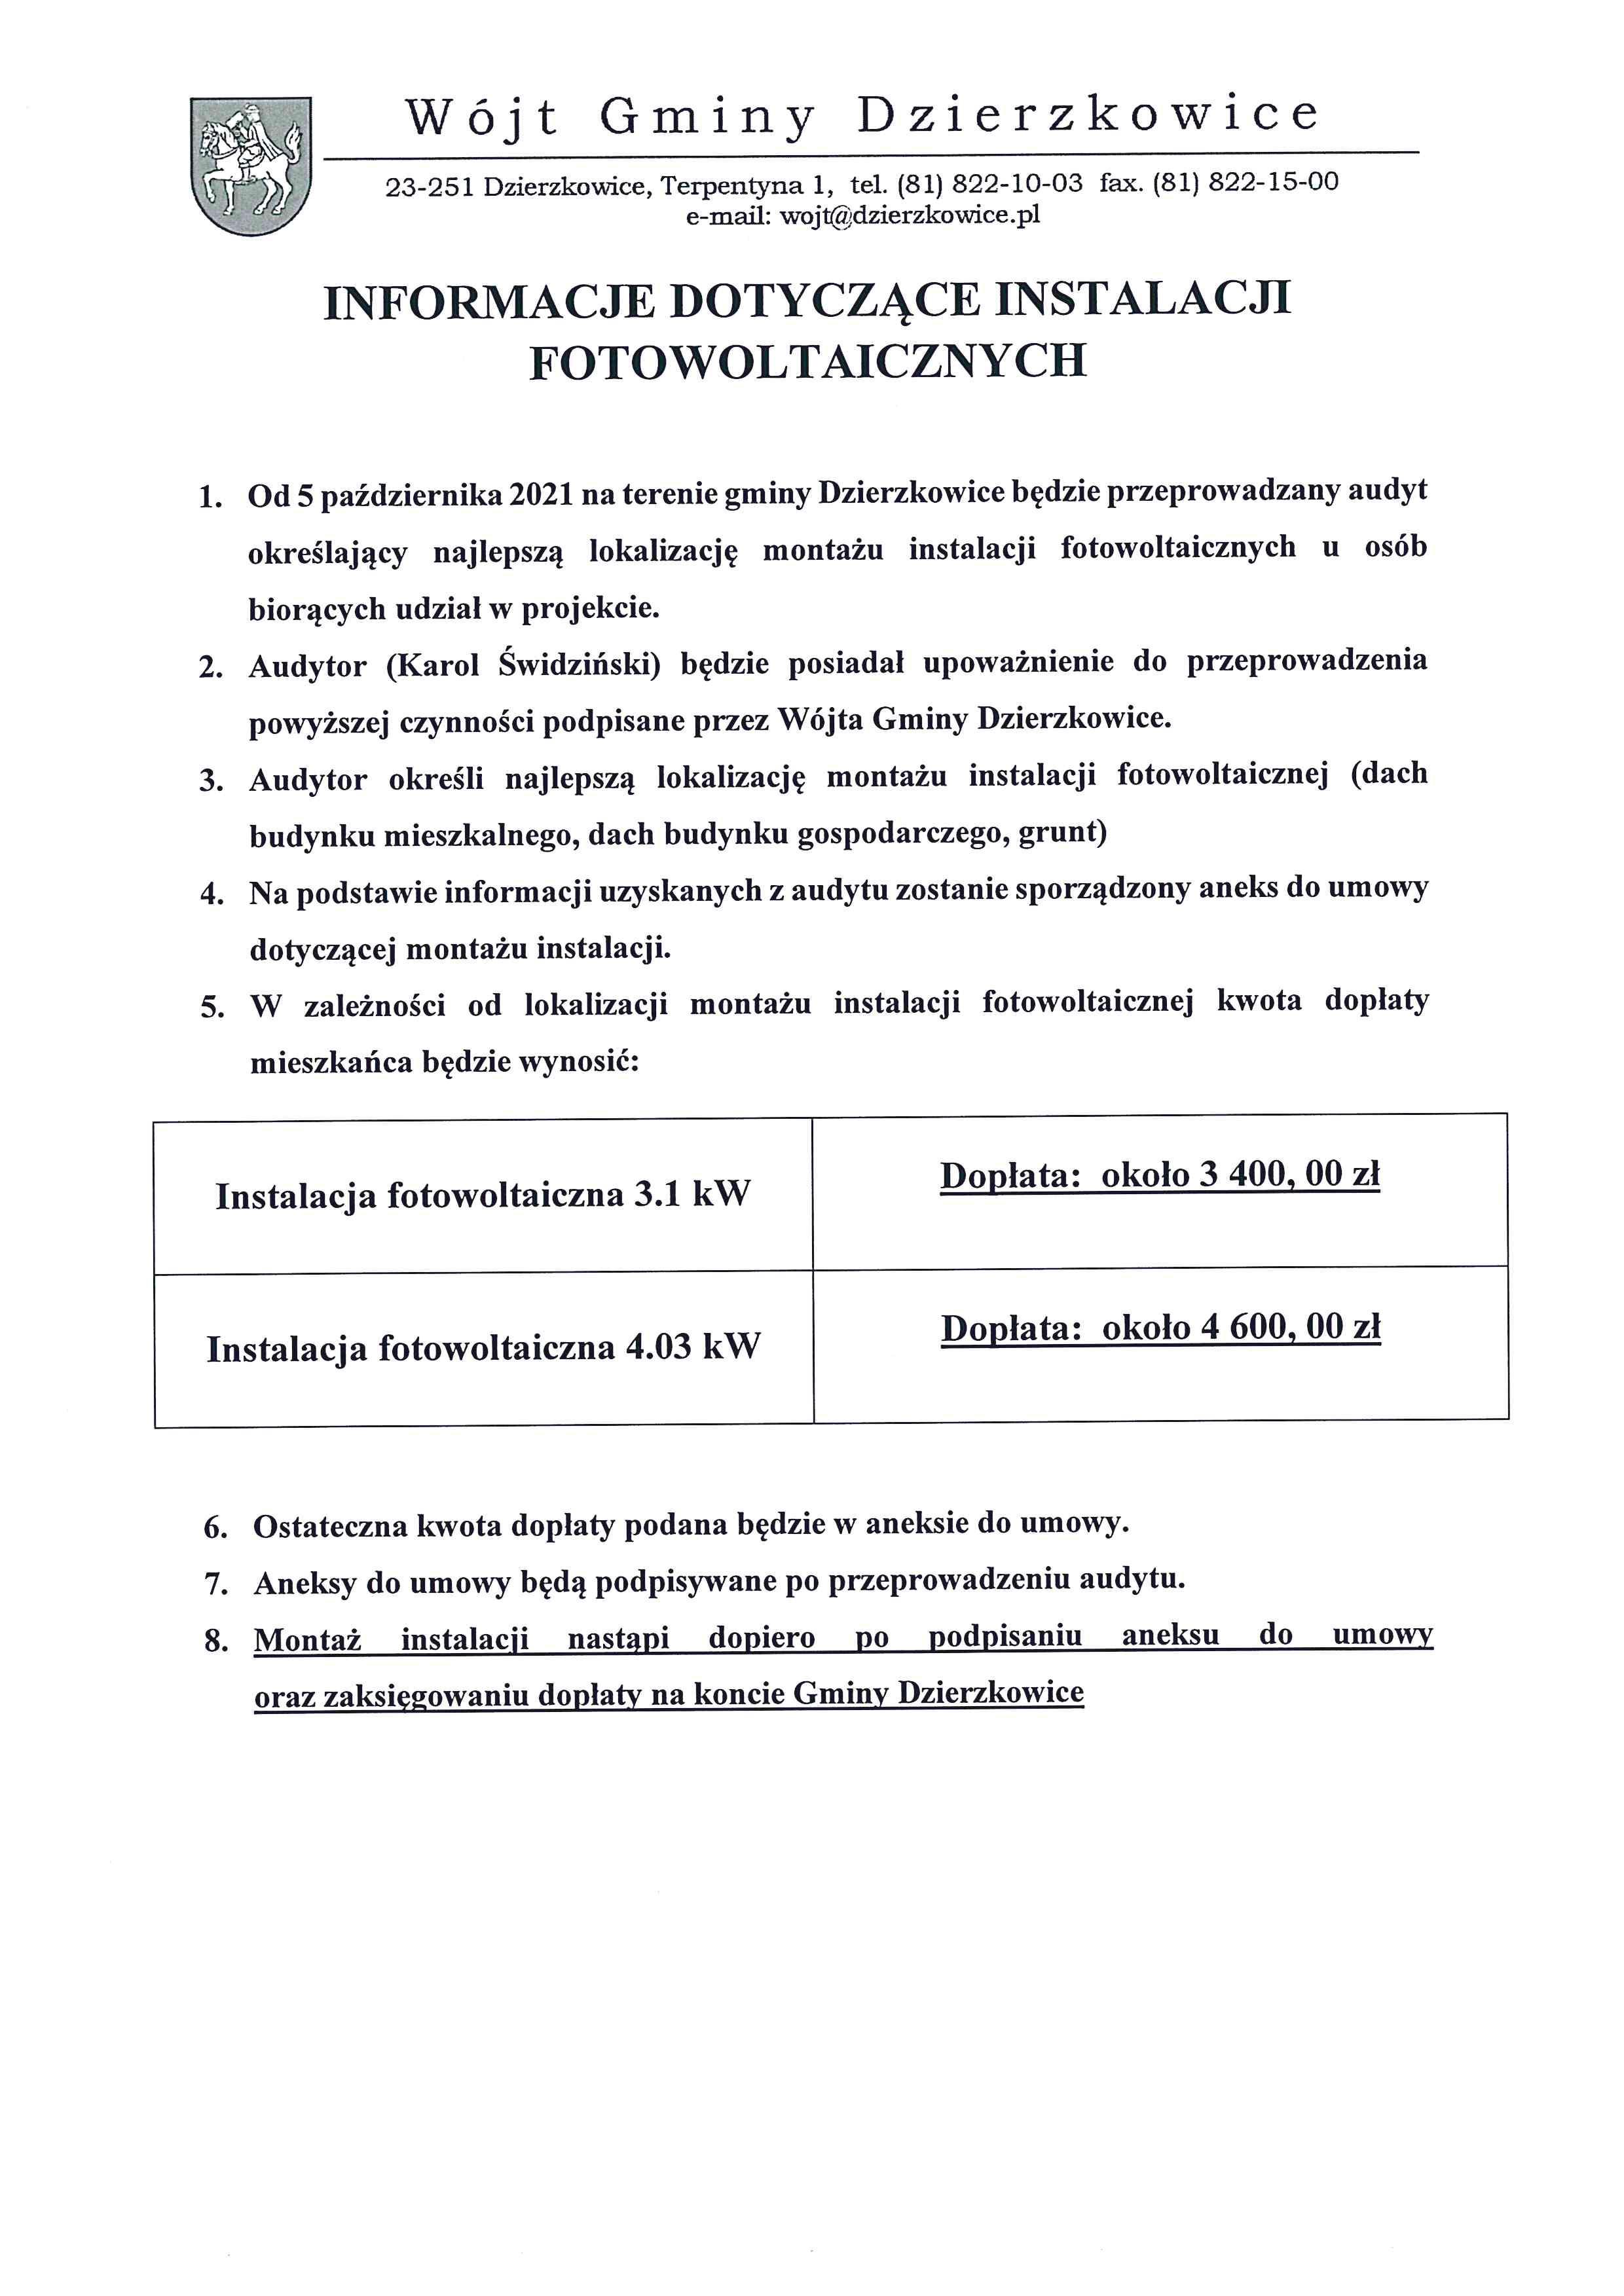 Informacje dotyczace instalacji fotowoltaicznych